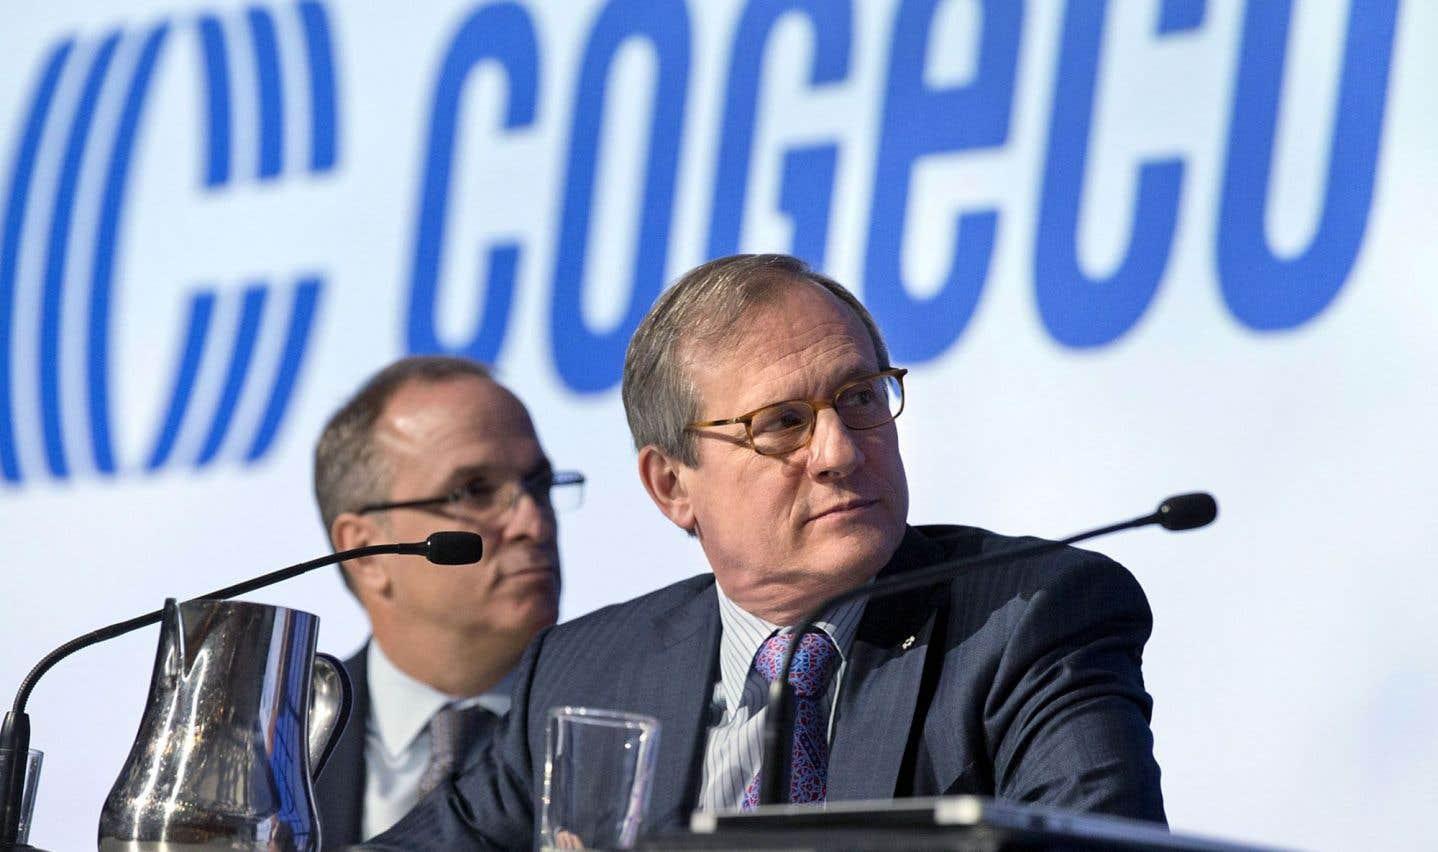 Louis Audet, de Cogeco, incite le milieu des affaires à s'exprimer davantage